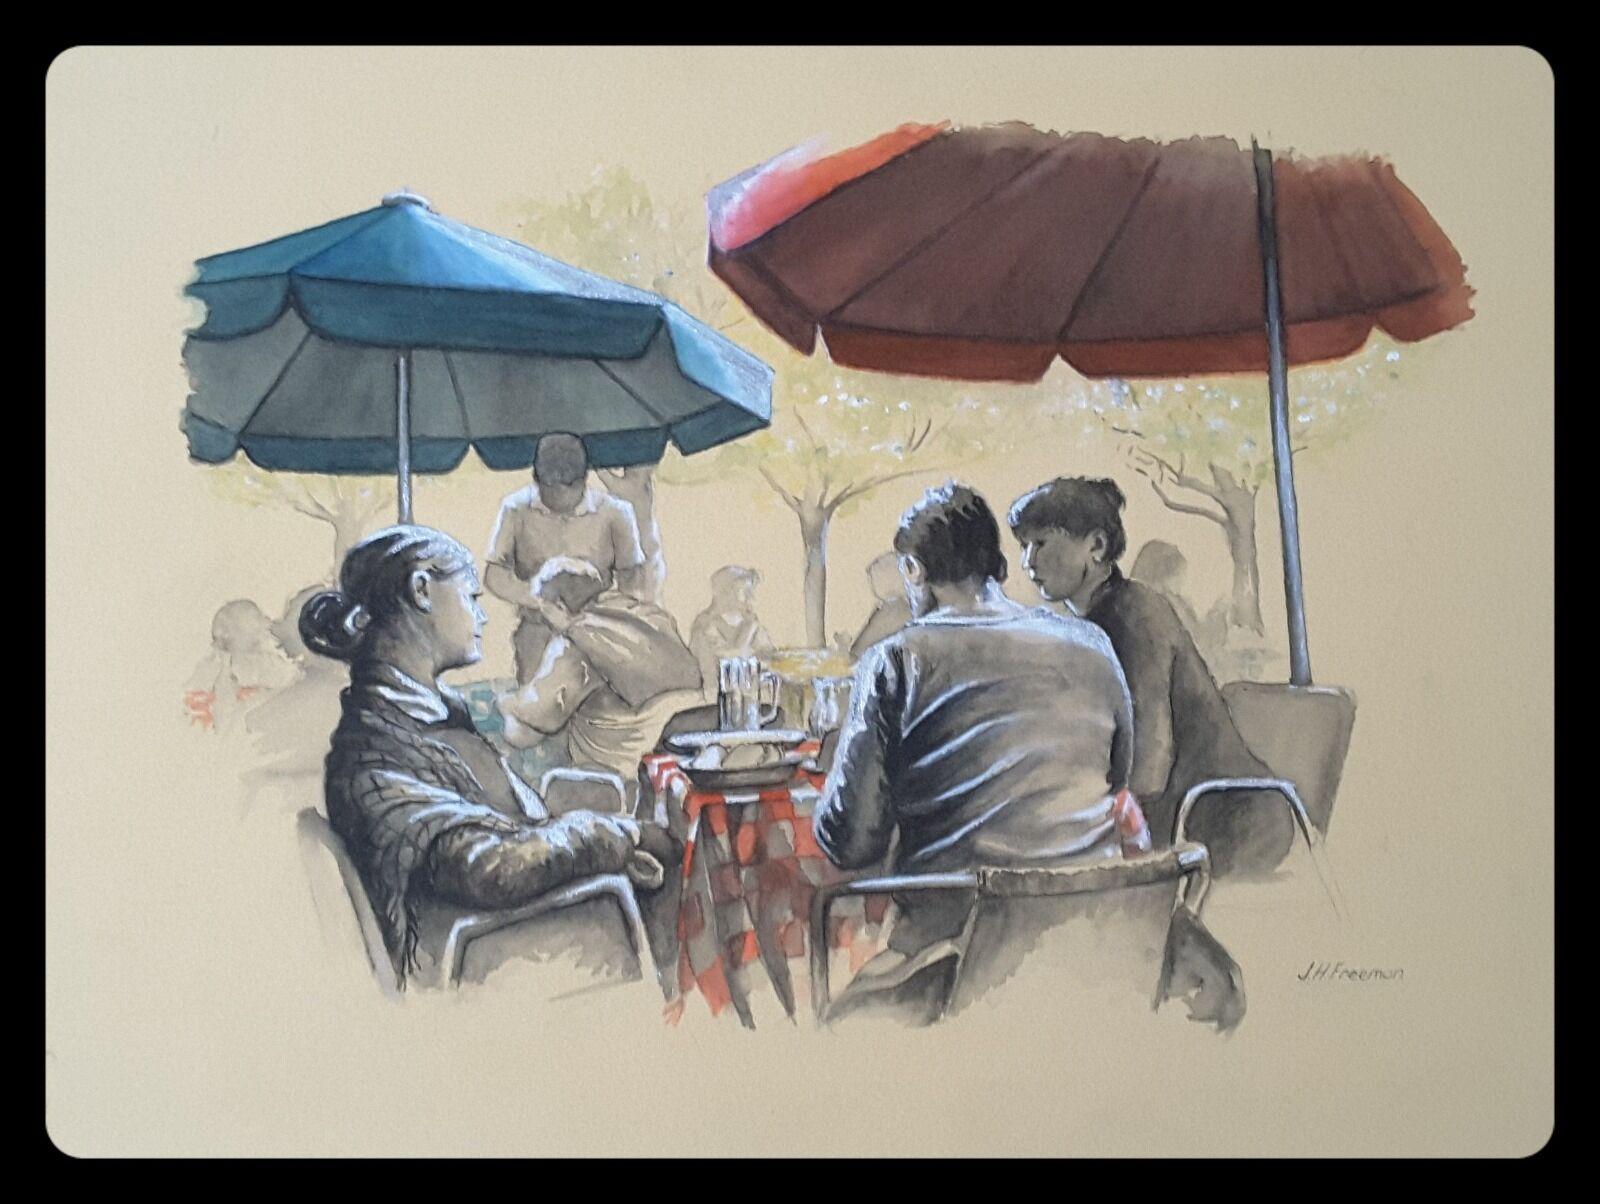 Cafe scene in mixed media